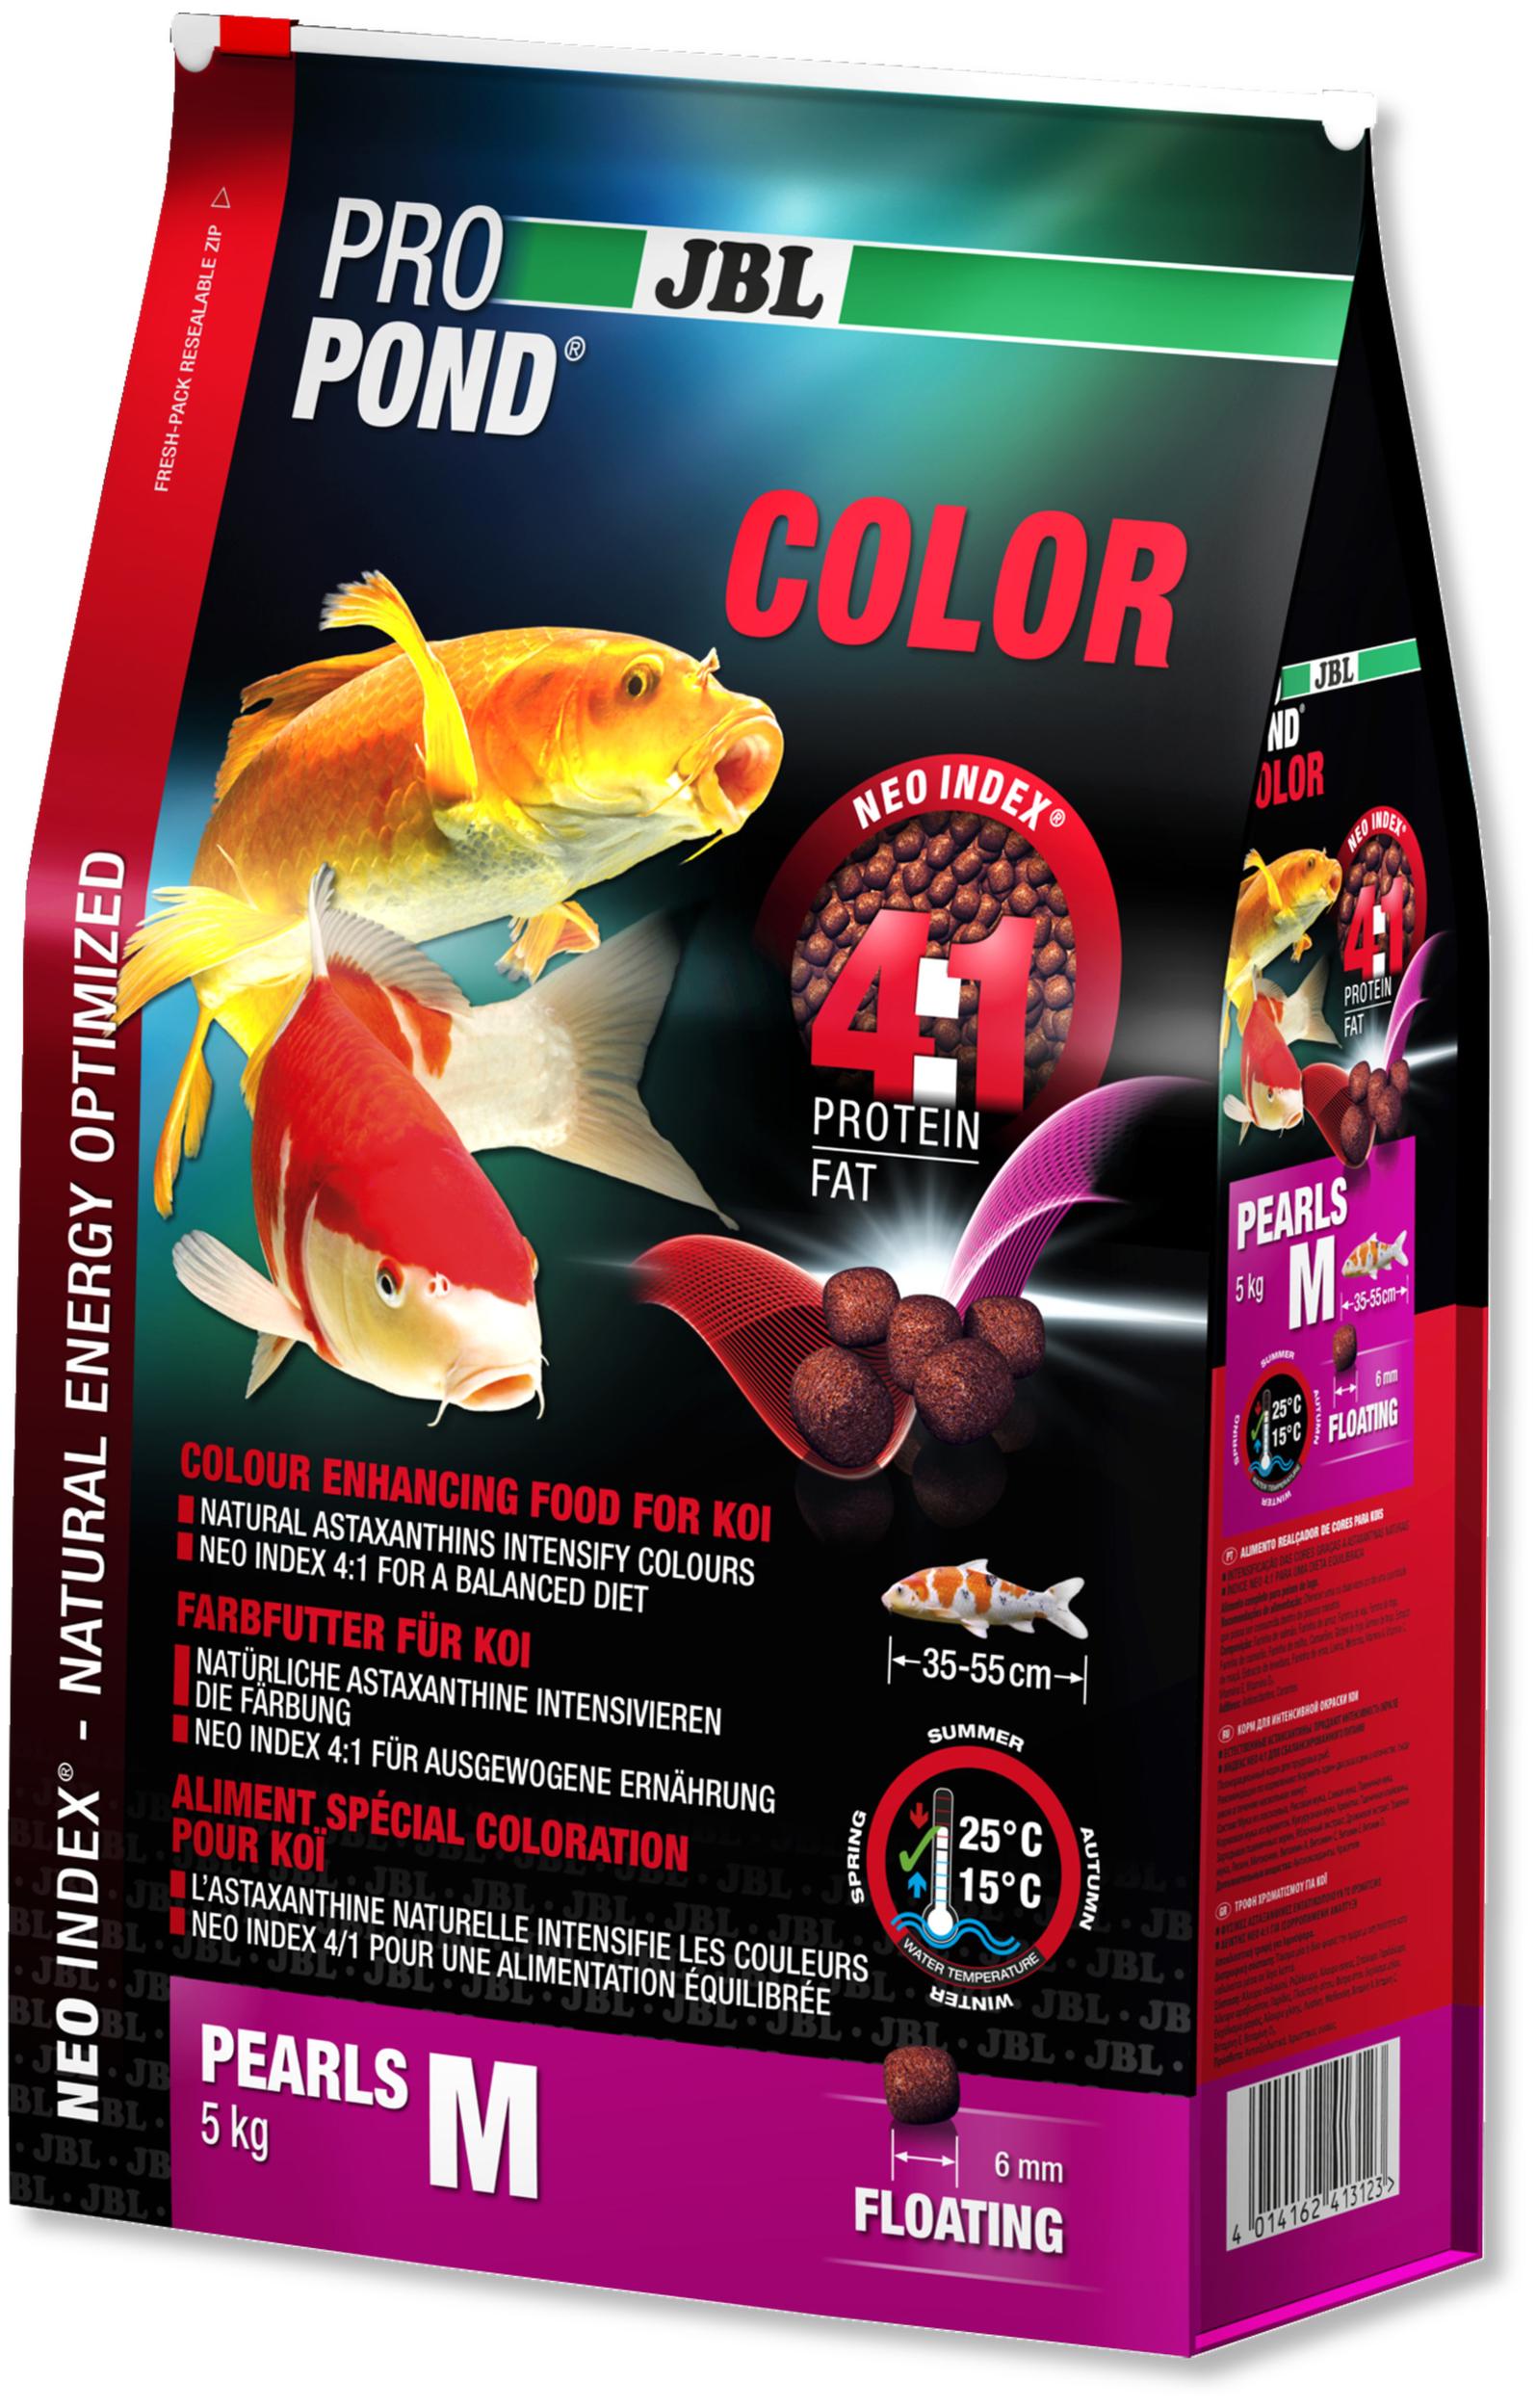 JBL ProPond Color M 5 Kg nourriture Koïs spéciale renforcement des couleurs sous forme de perles pour poissons de 35 à 55 cm